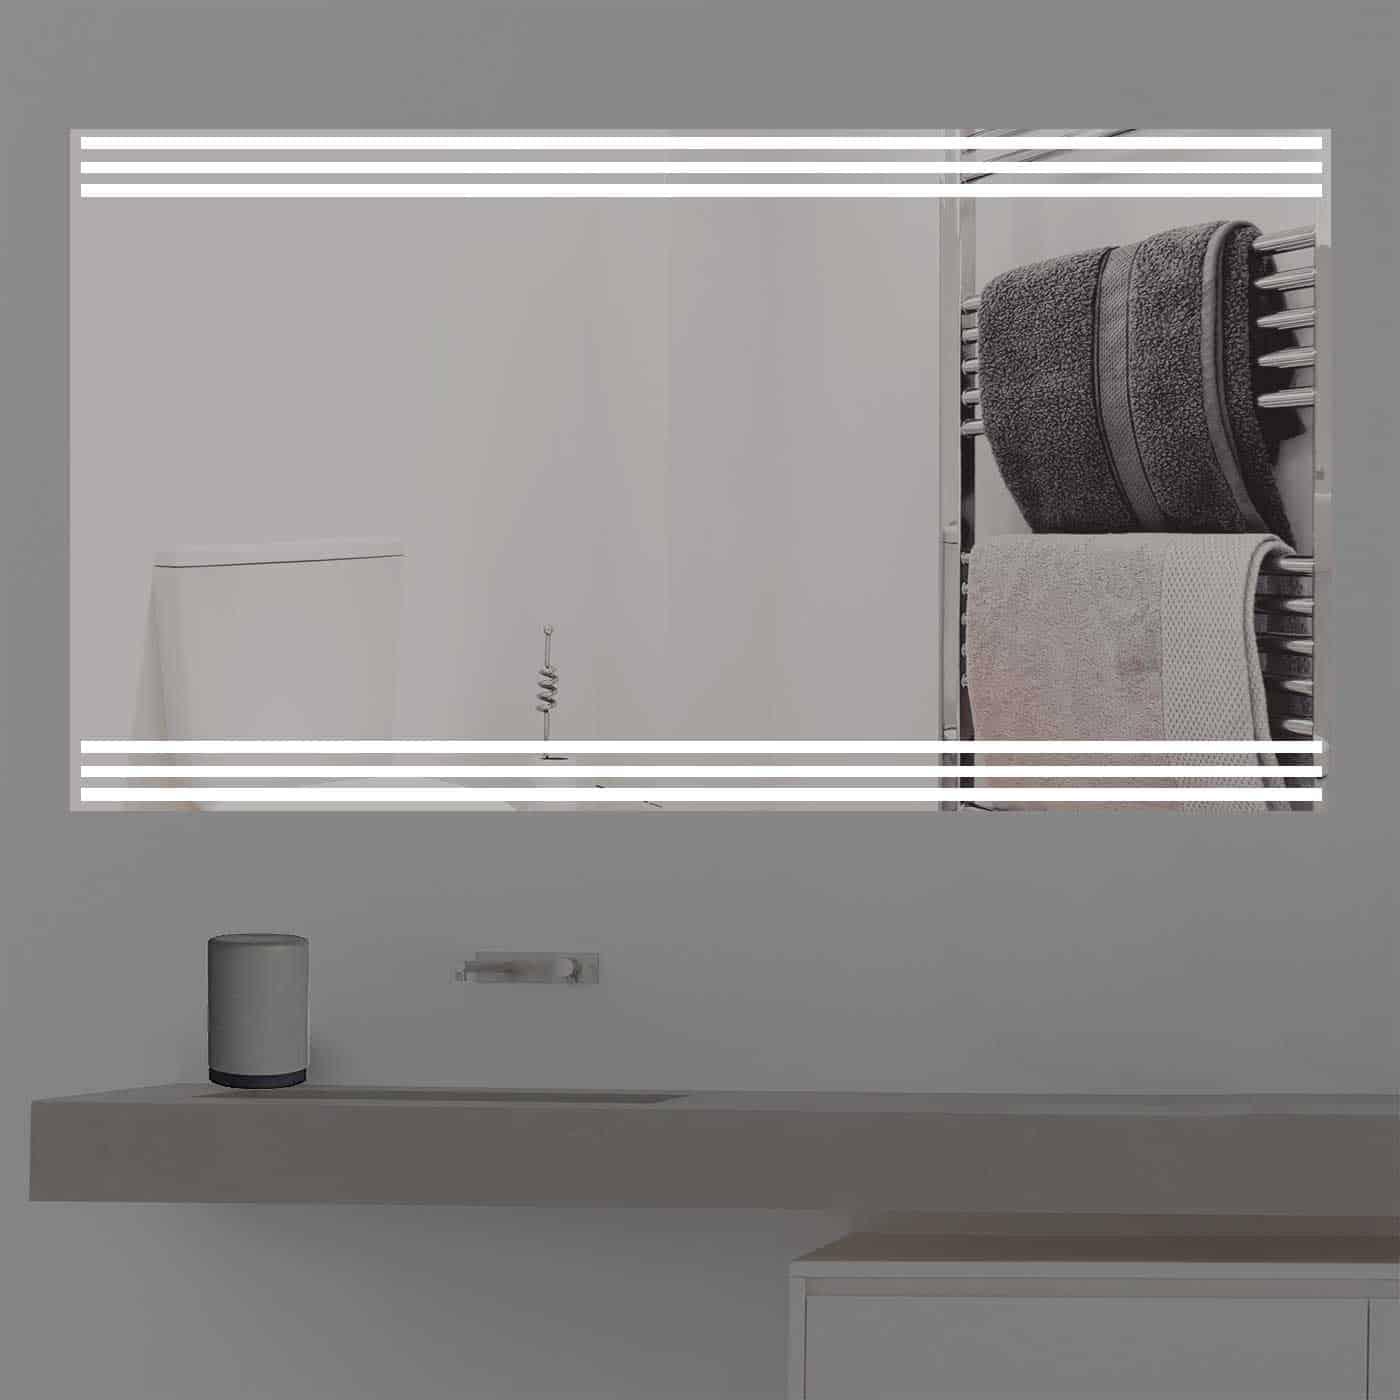 badspiegel k353 led beleuchtet nn badspiegel beleuchtet. Black Bedroom Furniture Sets. Home Design Ideas